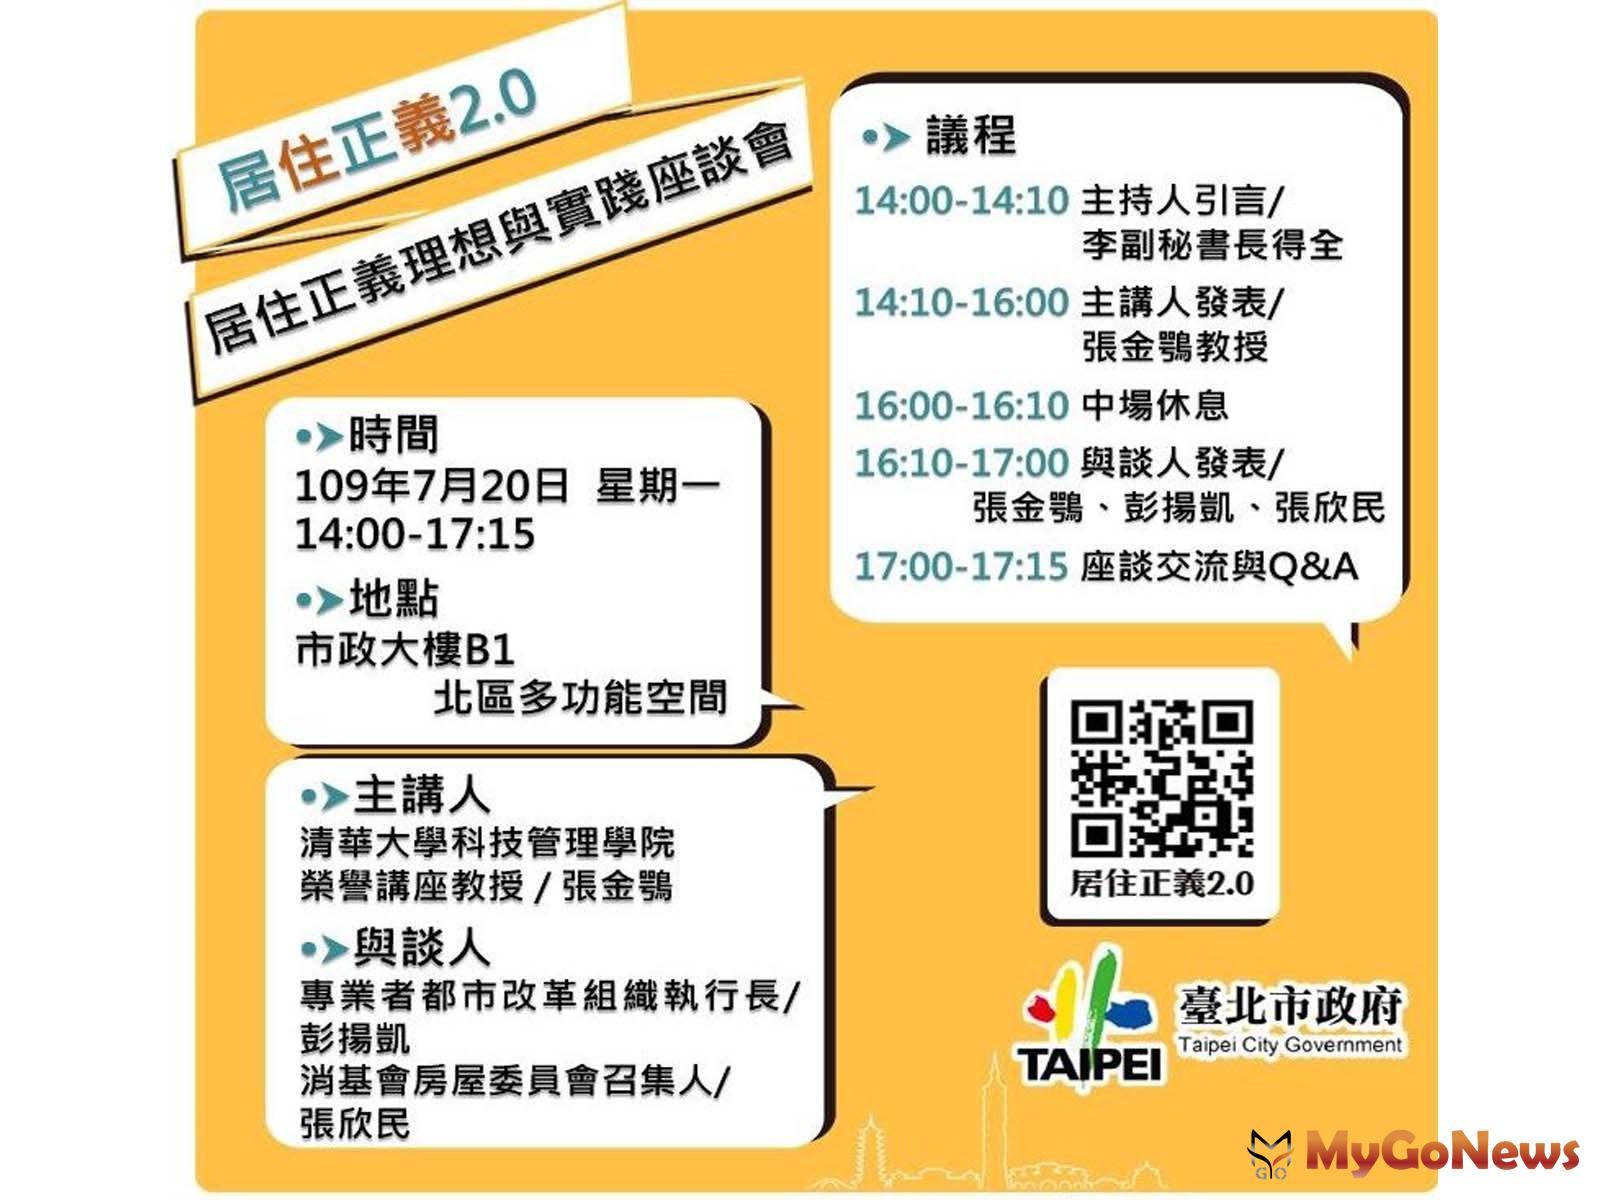 台北市政府訂於2020年7月20日舉辦「居住正義理想與實踐」座談會,歡迎共襄盛舉(圖:台北市政府) MyGoNews房地產新聞 區域情報